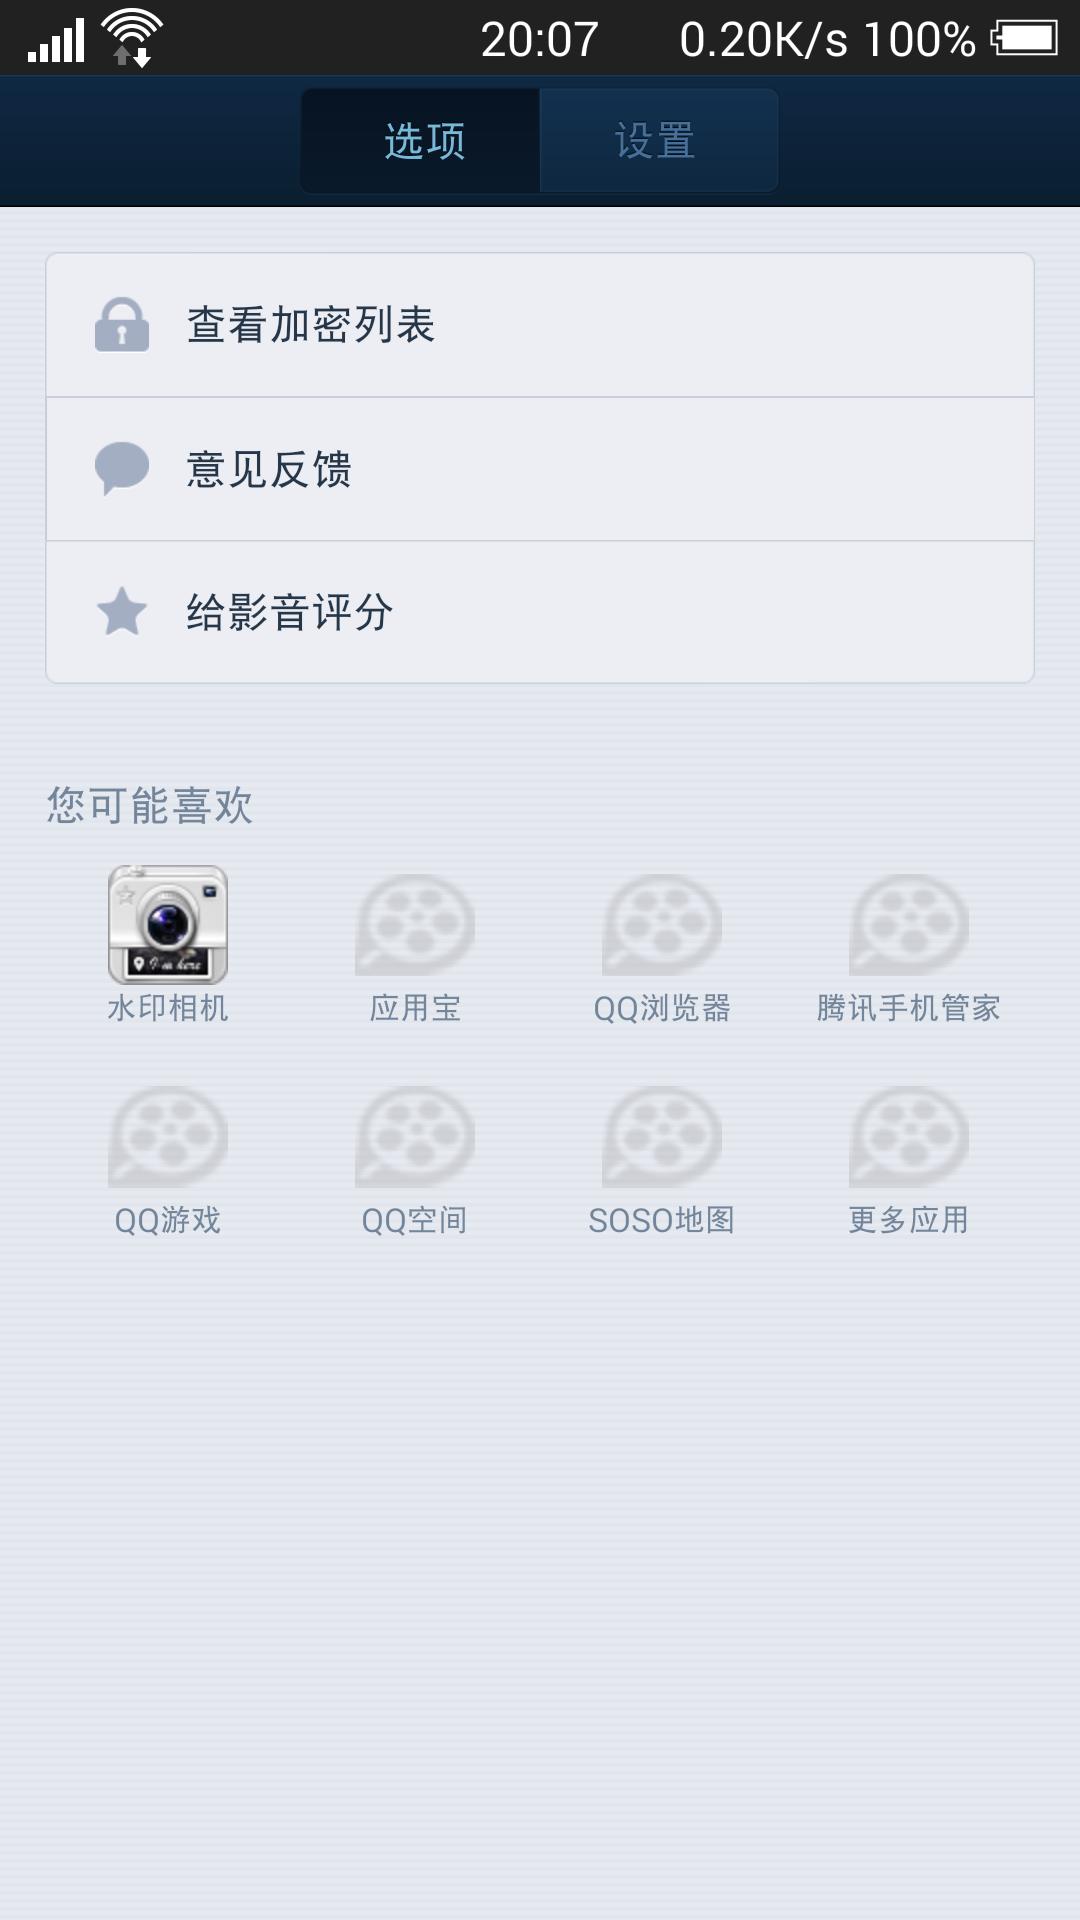 手机qq浏览器清除缓存